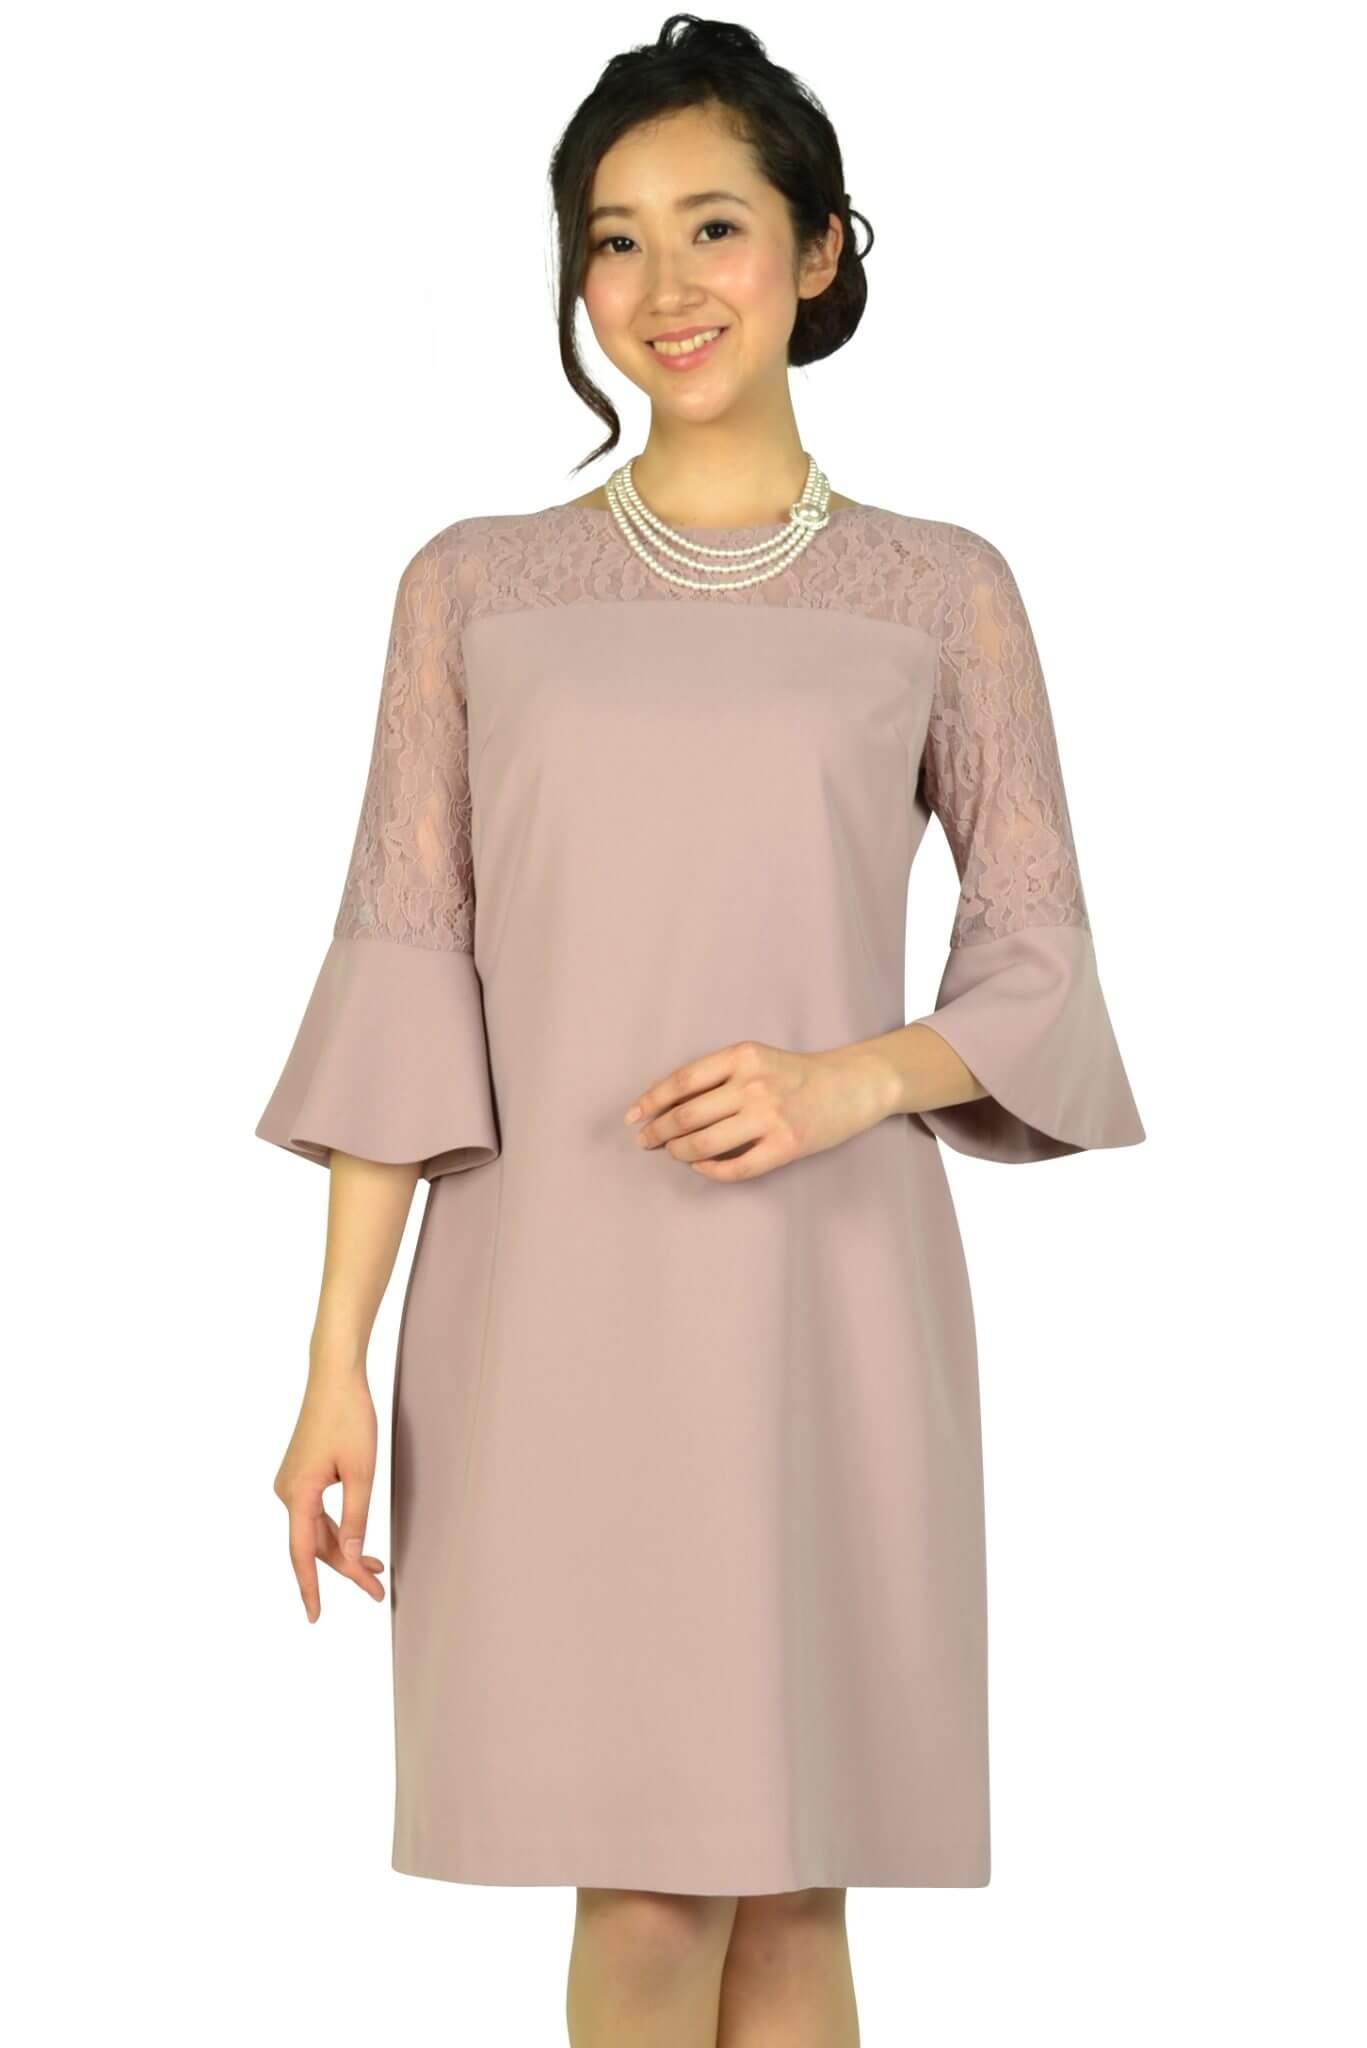 エルモソ リュクス (Hermoso luxe)異素材ベル袖ピンクドレス